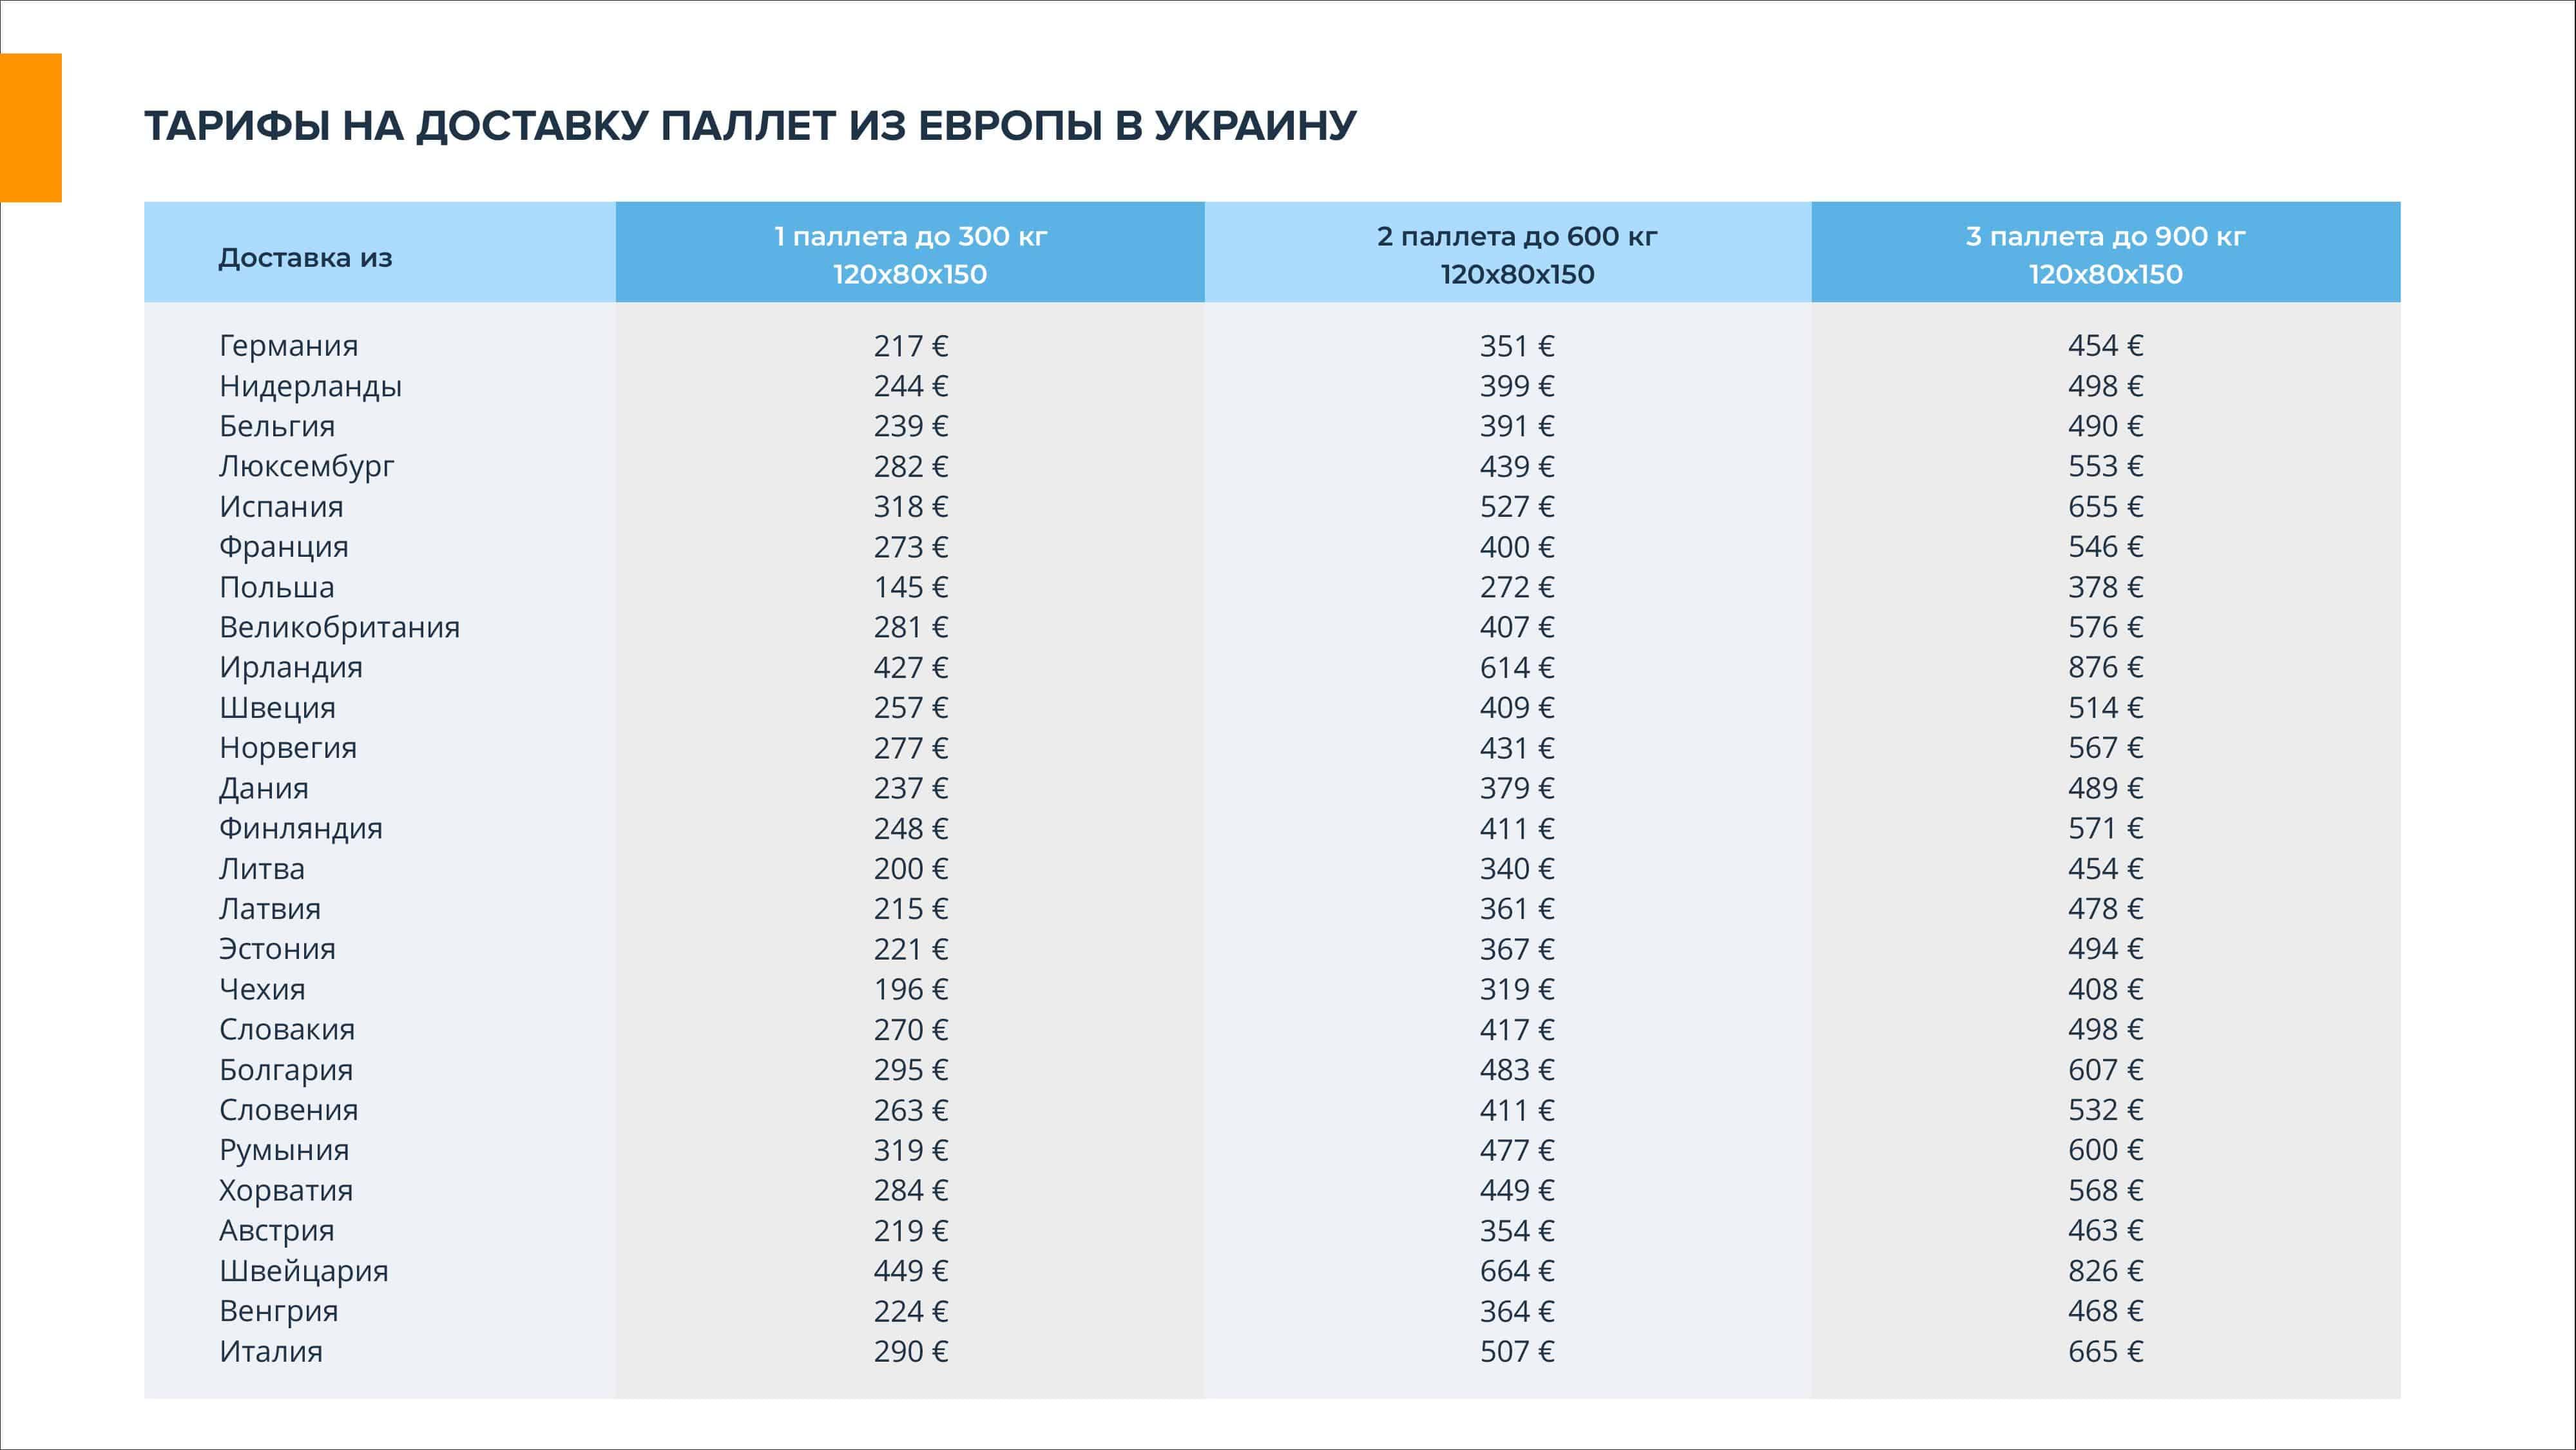 Prezentatsiya-EuroEx - Международная доставка грузов — транспортно логистические перевозки в Украину   EuroEx-  фото10